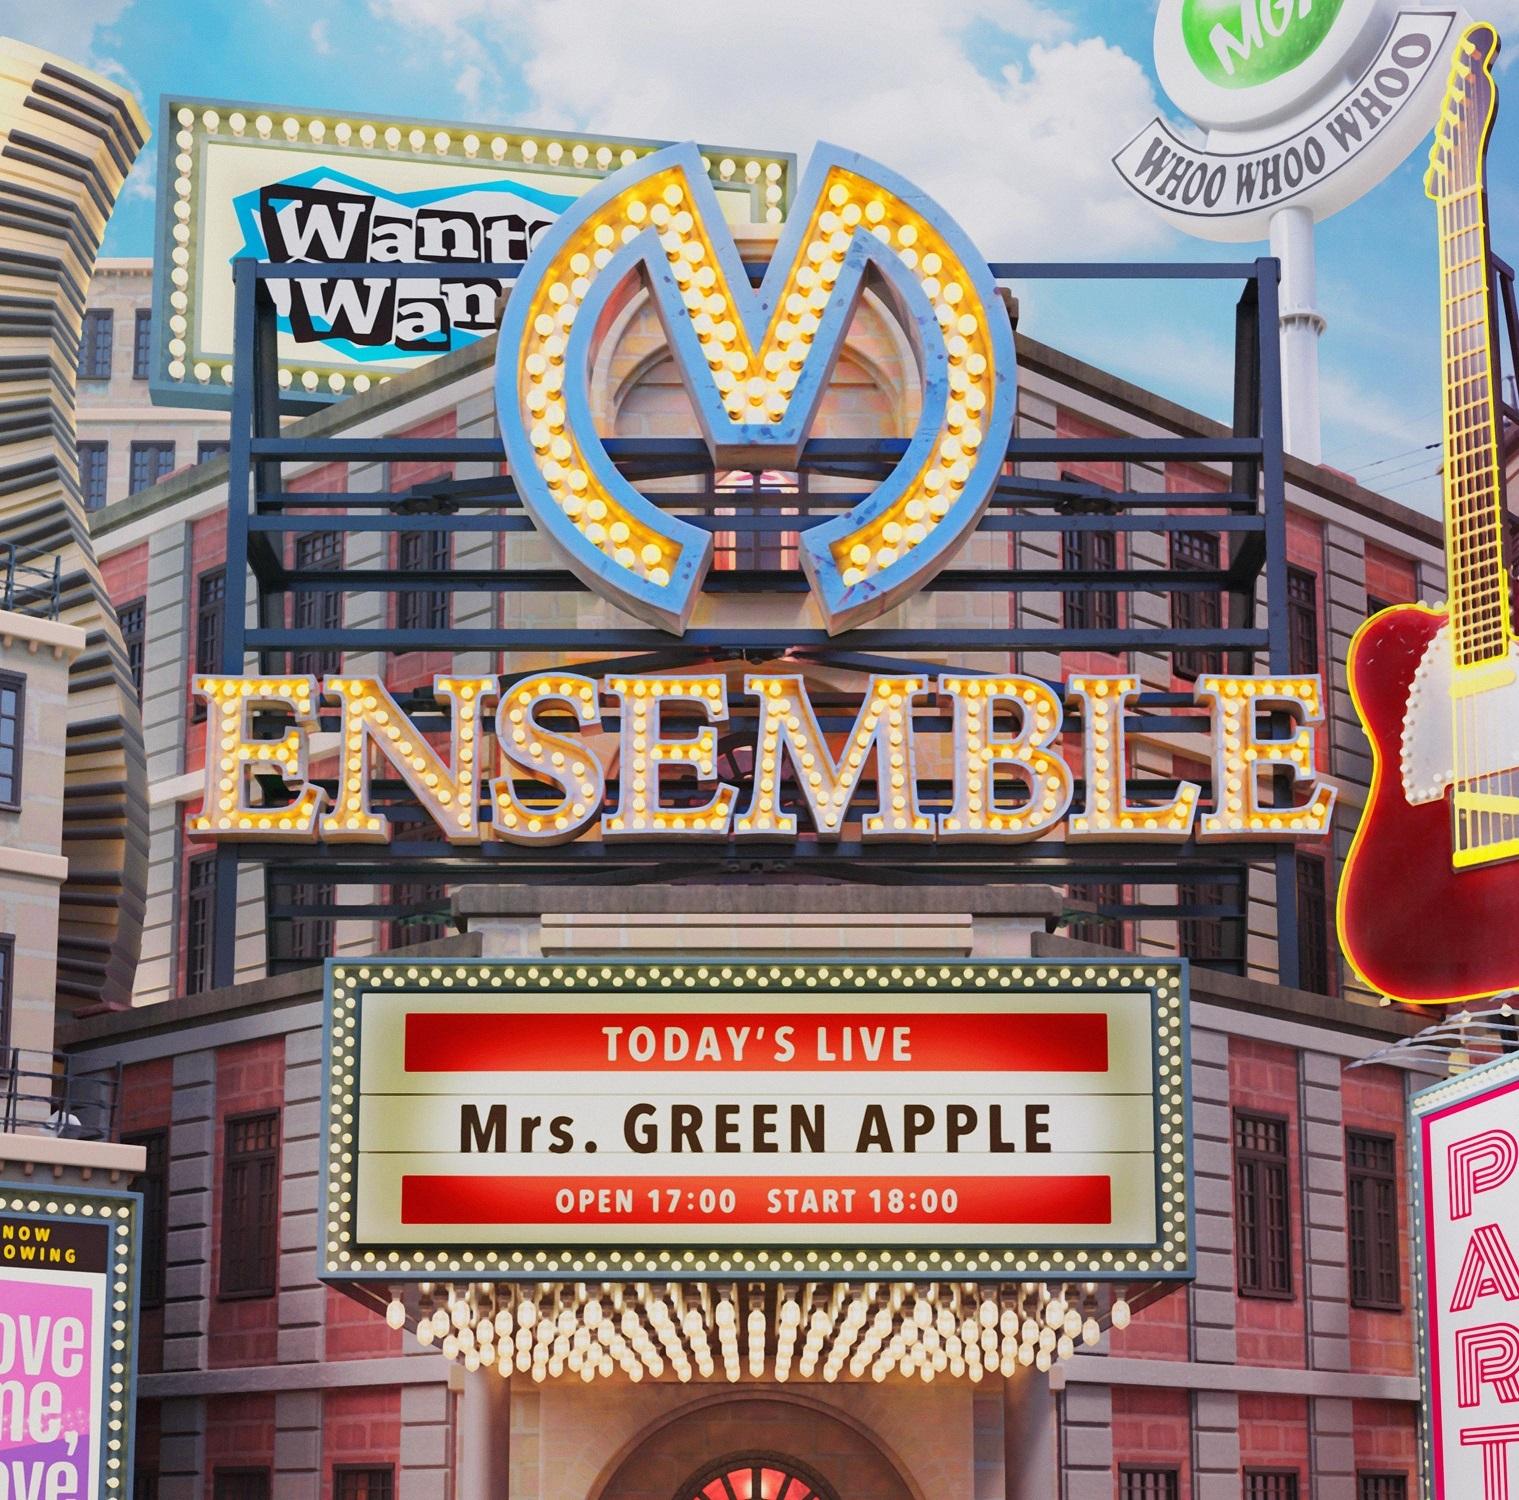 Ensemble_%e9%80%9a%e5%b8%b8%e7%9b%a4